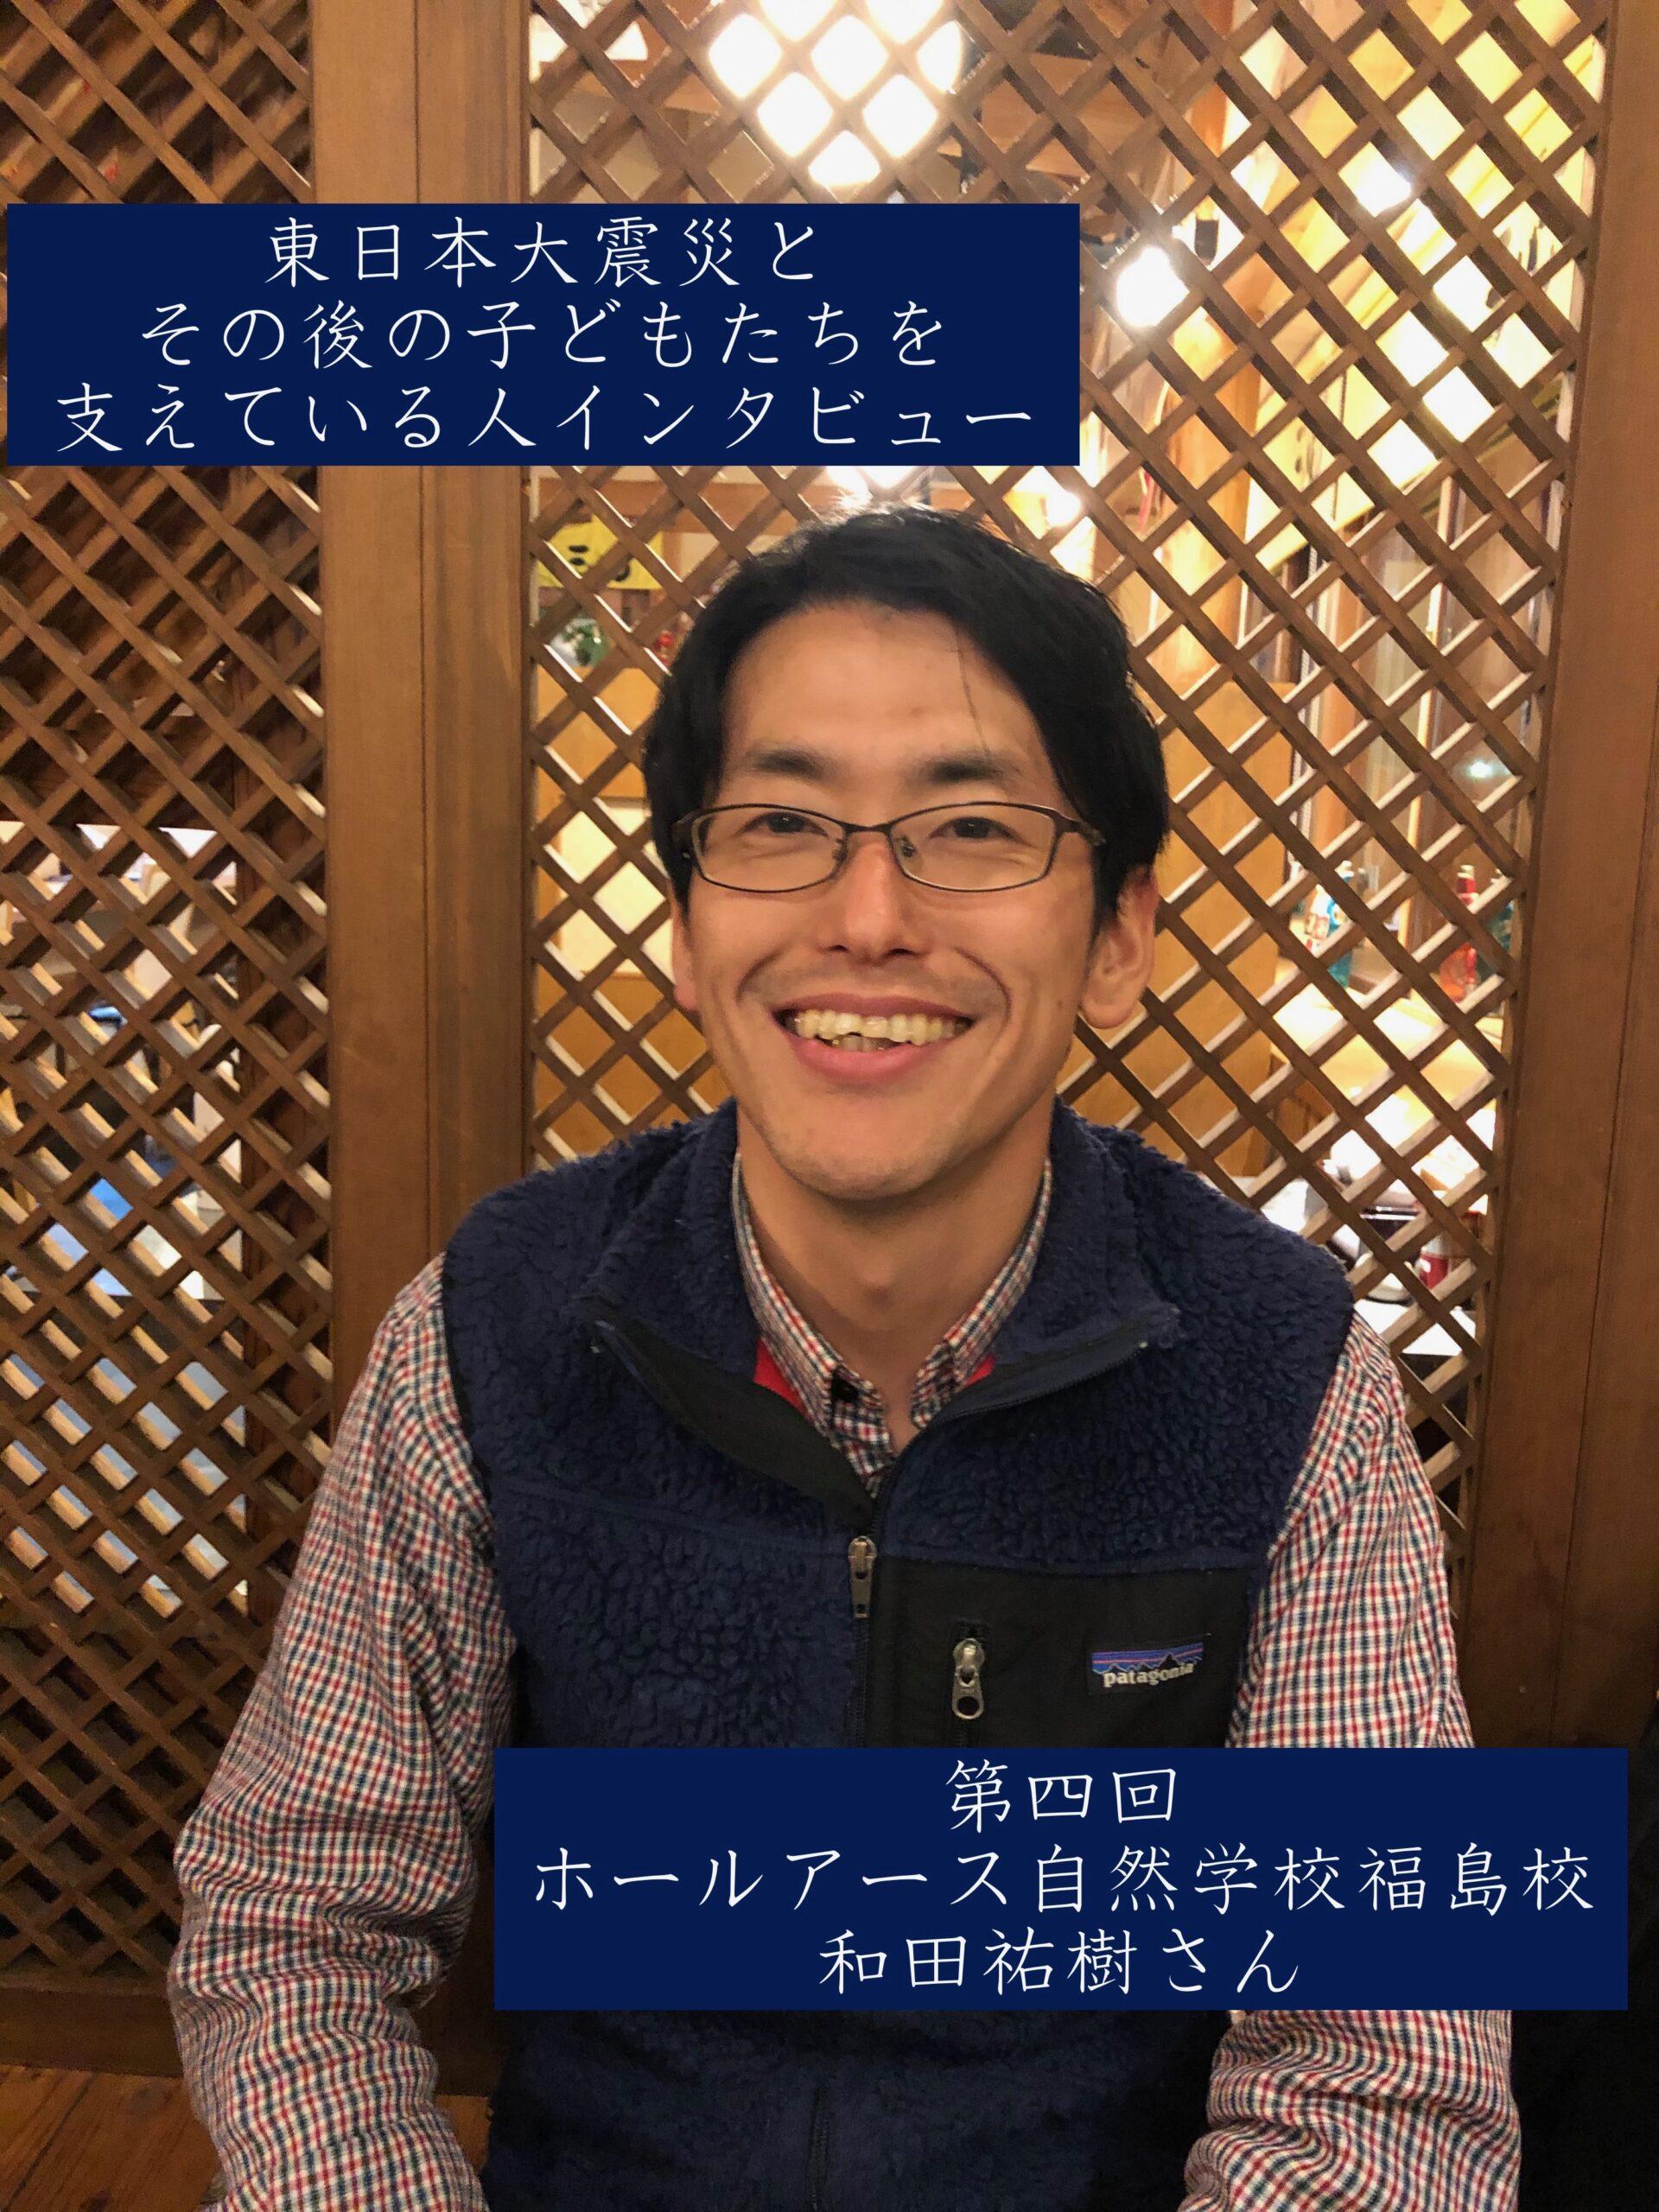 東日本大震災とその後の子どもたちを支えている人インタビュー 第四回